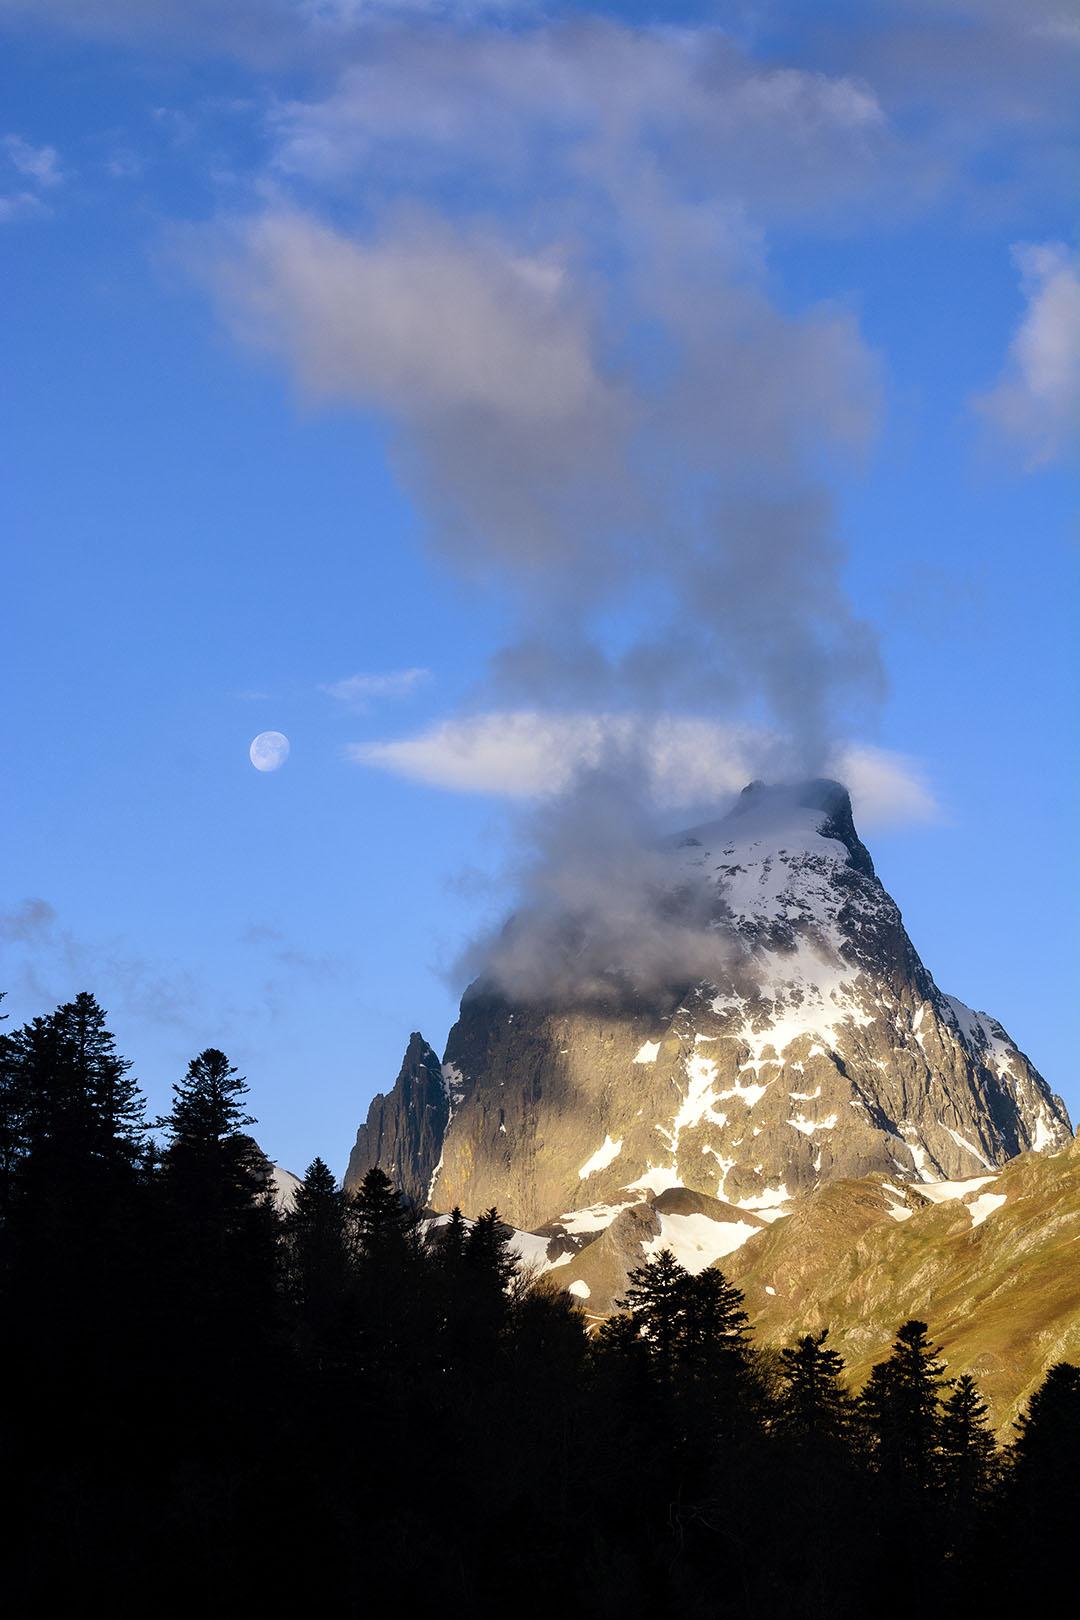 La última erupción - Archivo - Iñaki Larrea, Fotografía de naturaleza y montaña